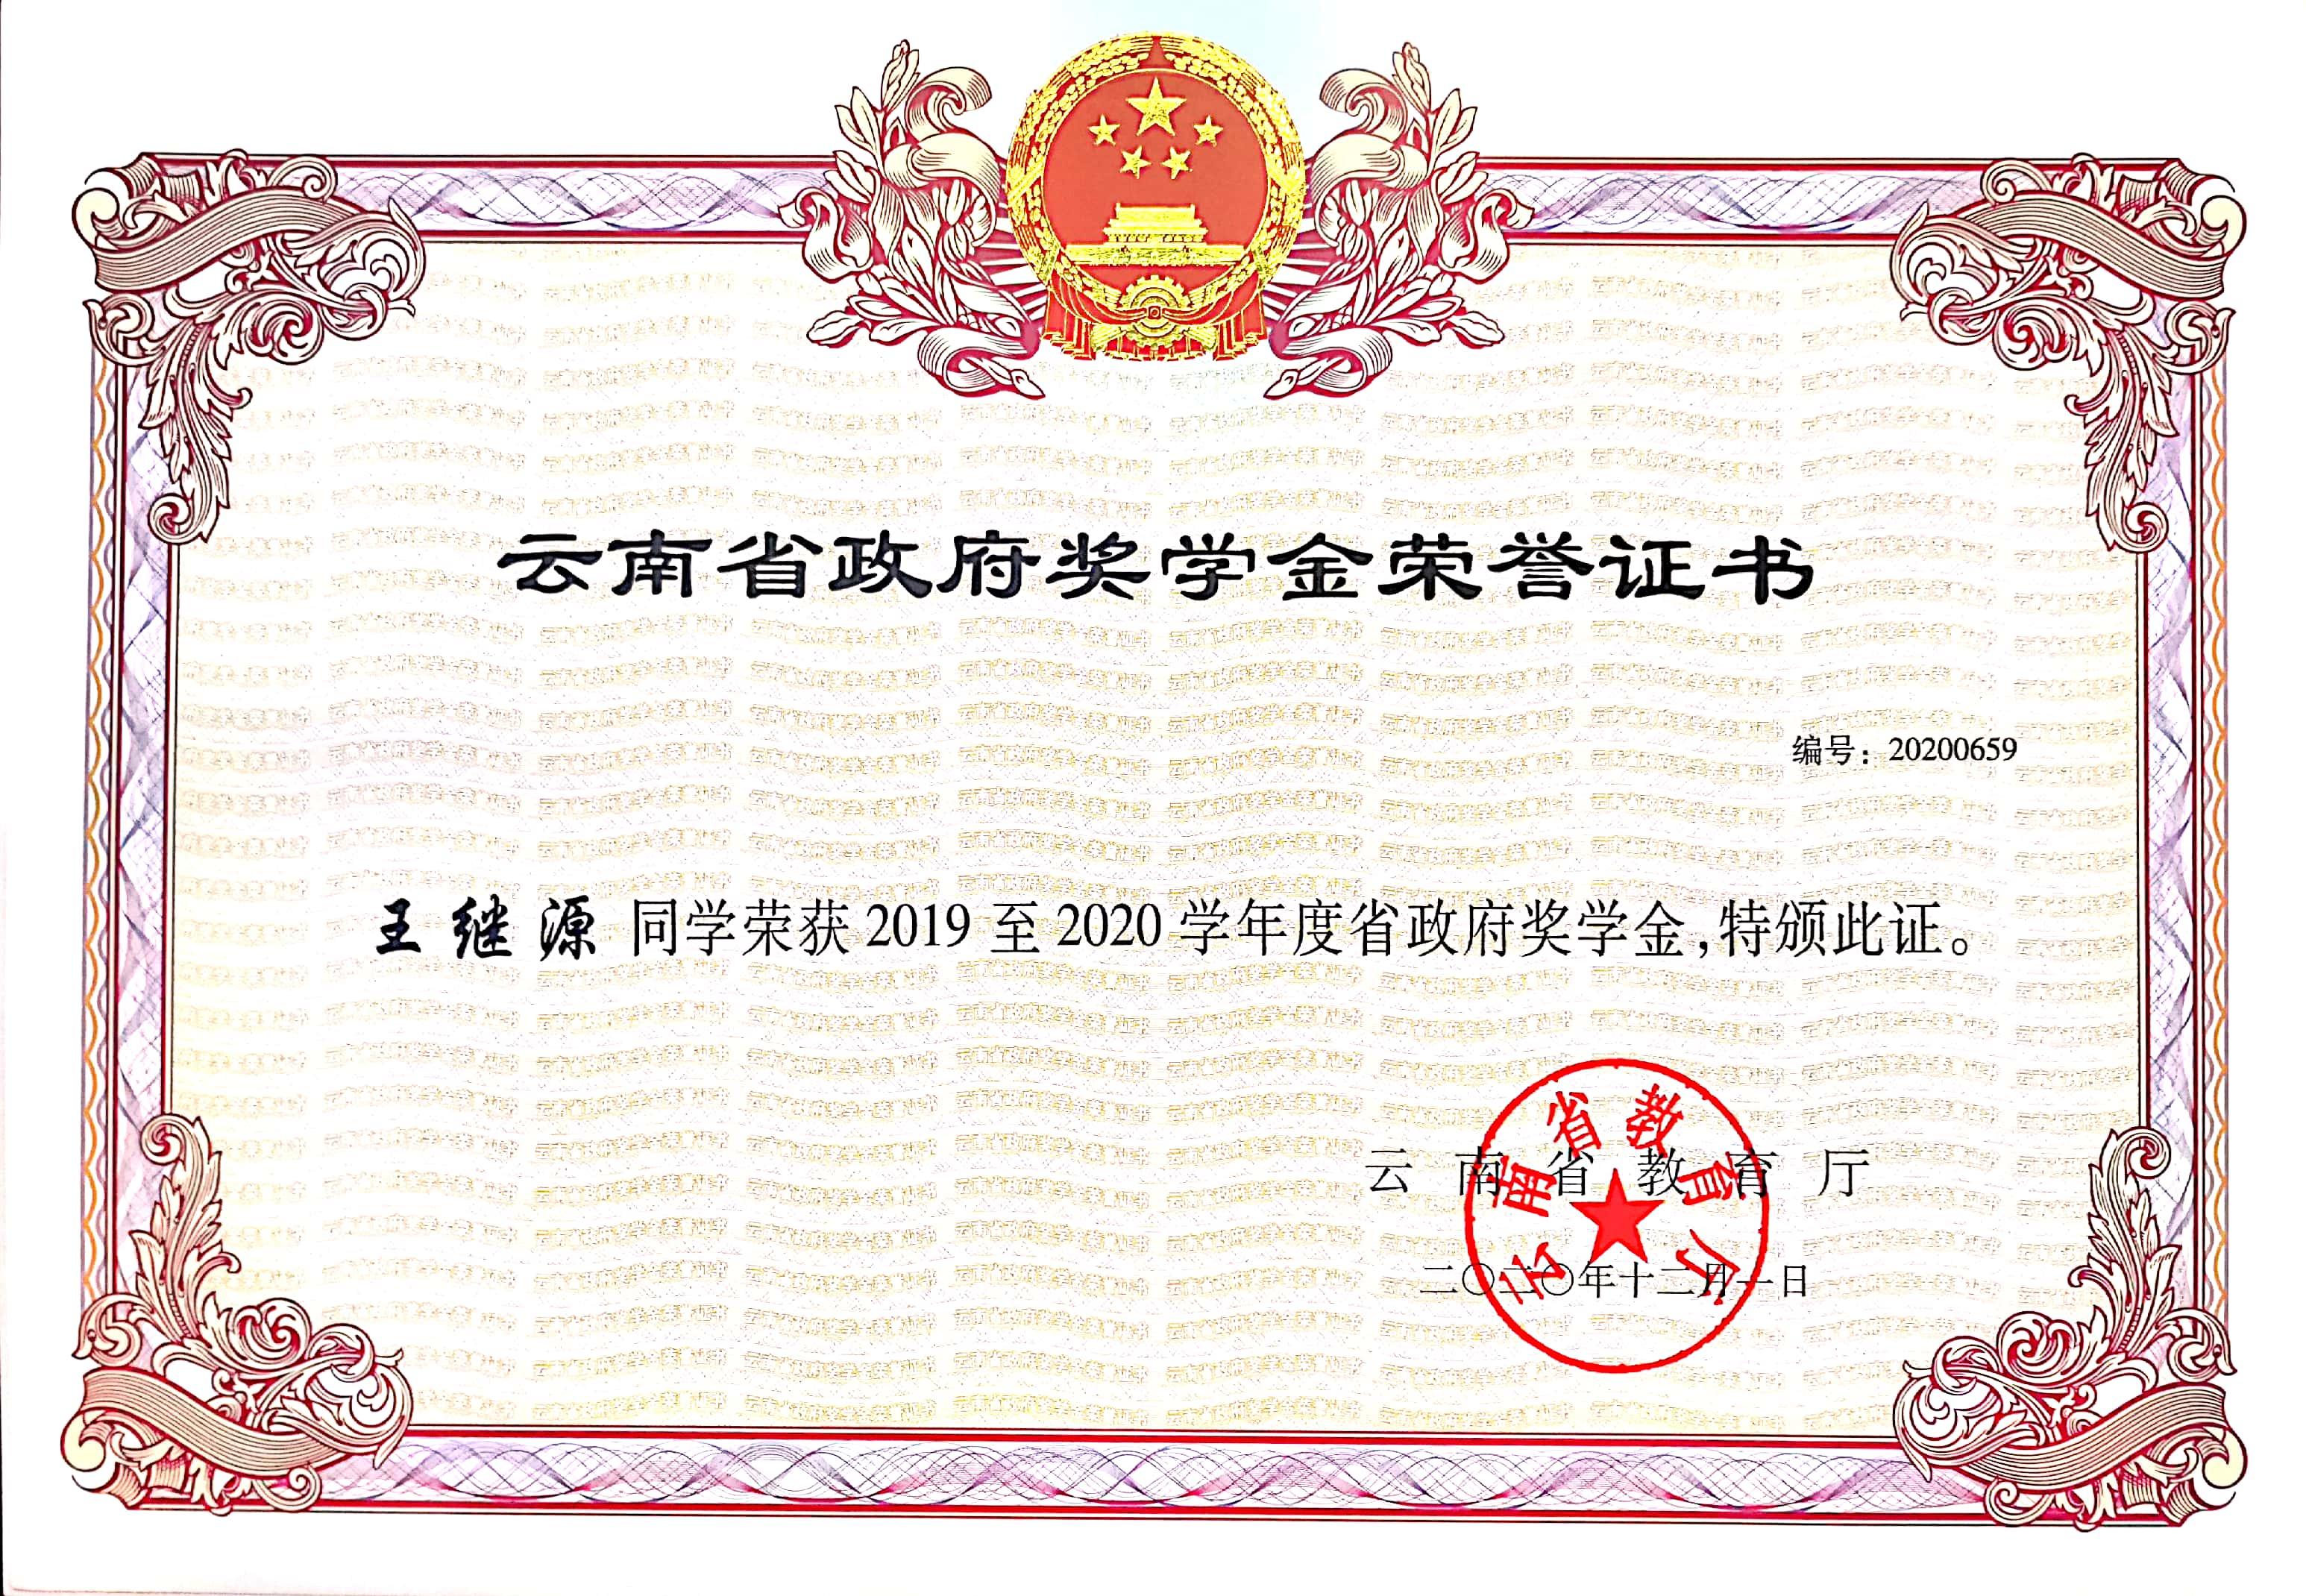 我院六位学生获得2019-2020年度云南省政府奖学金荣誉